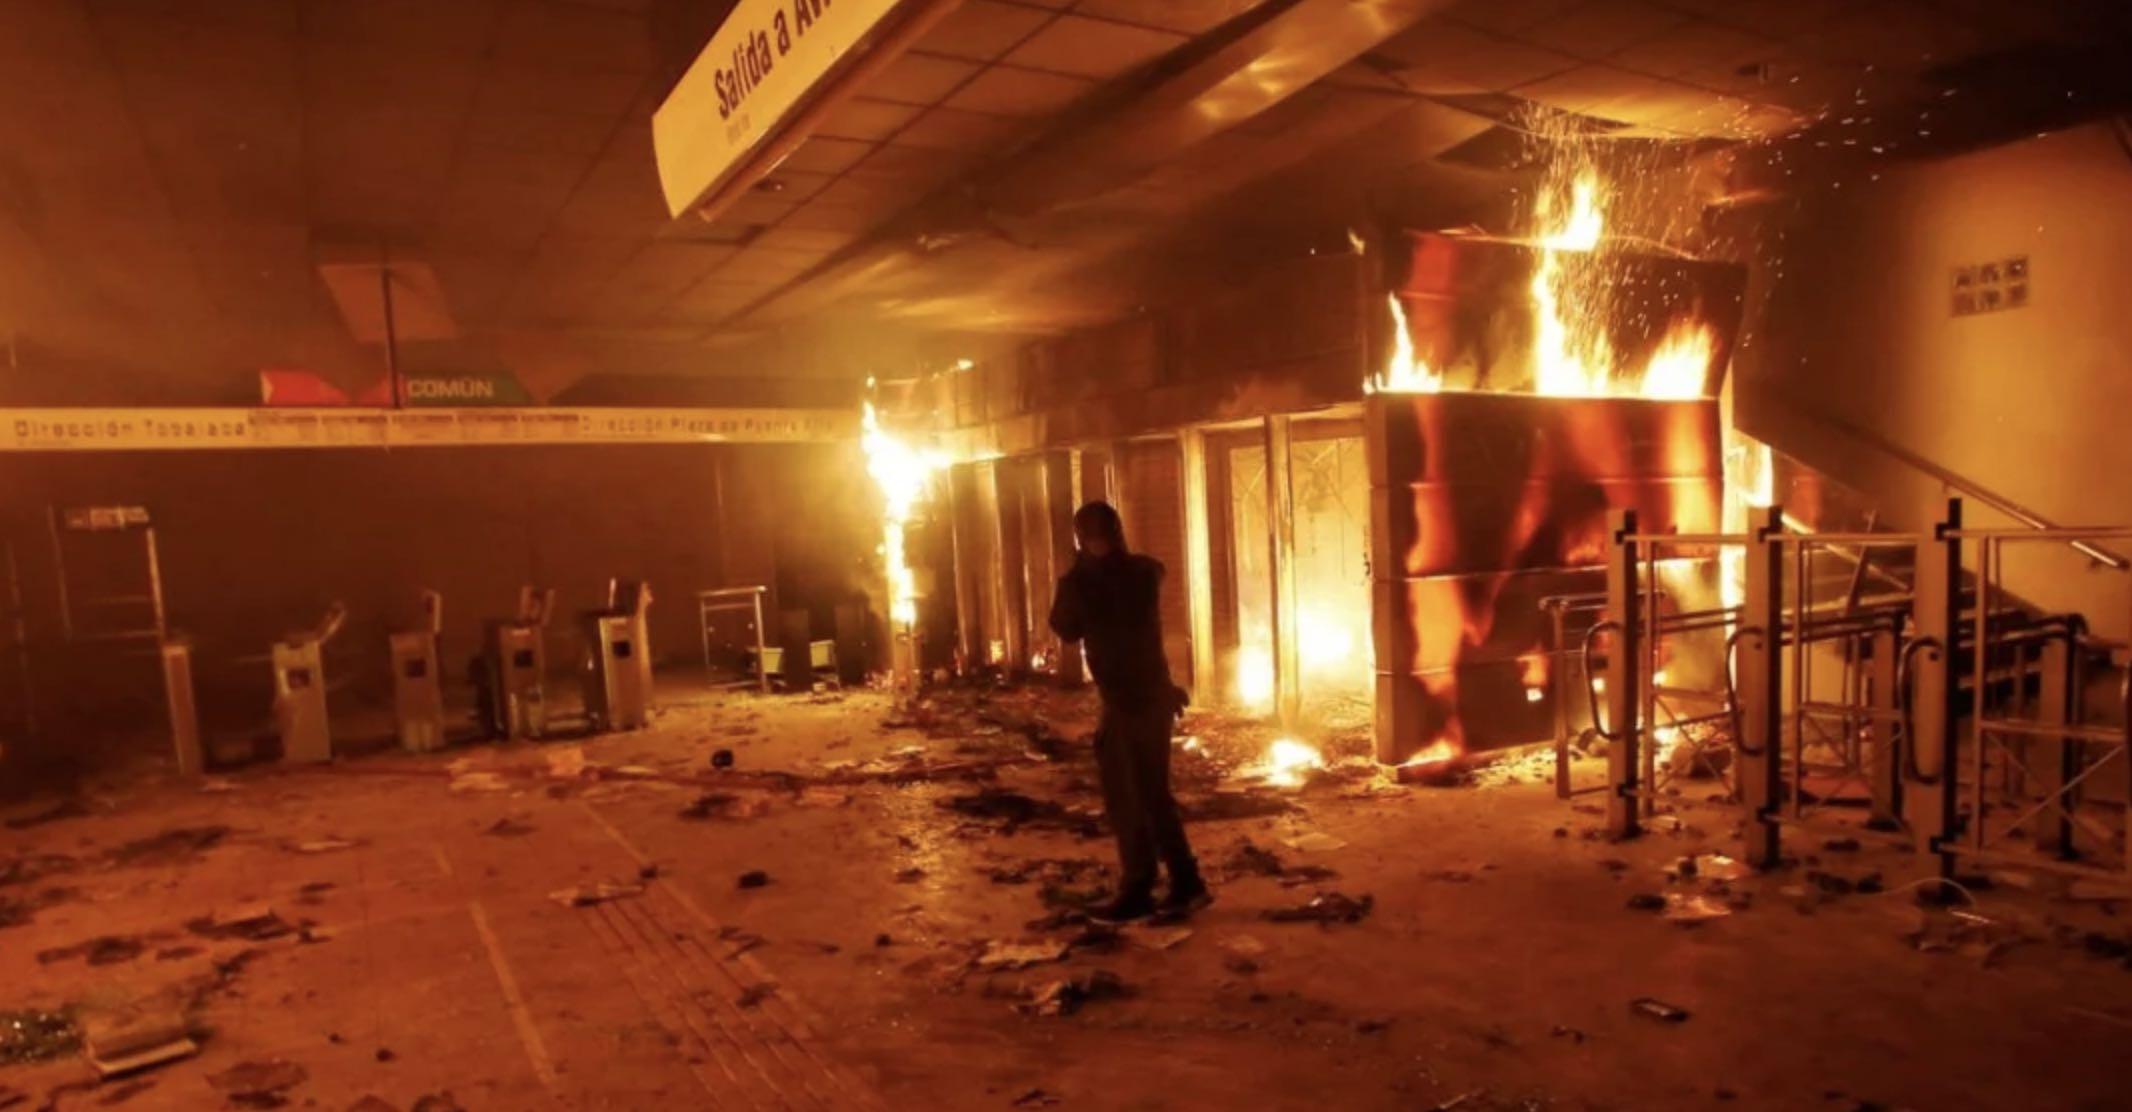 Chile, Destrucción, Montaner, Venezuela, Cuba, La Habana, Socialismo, Protestas en Chile